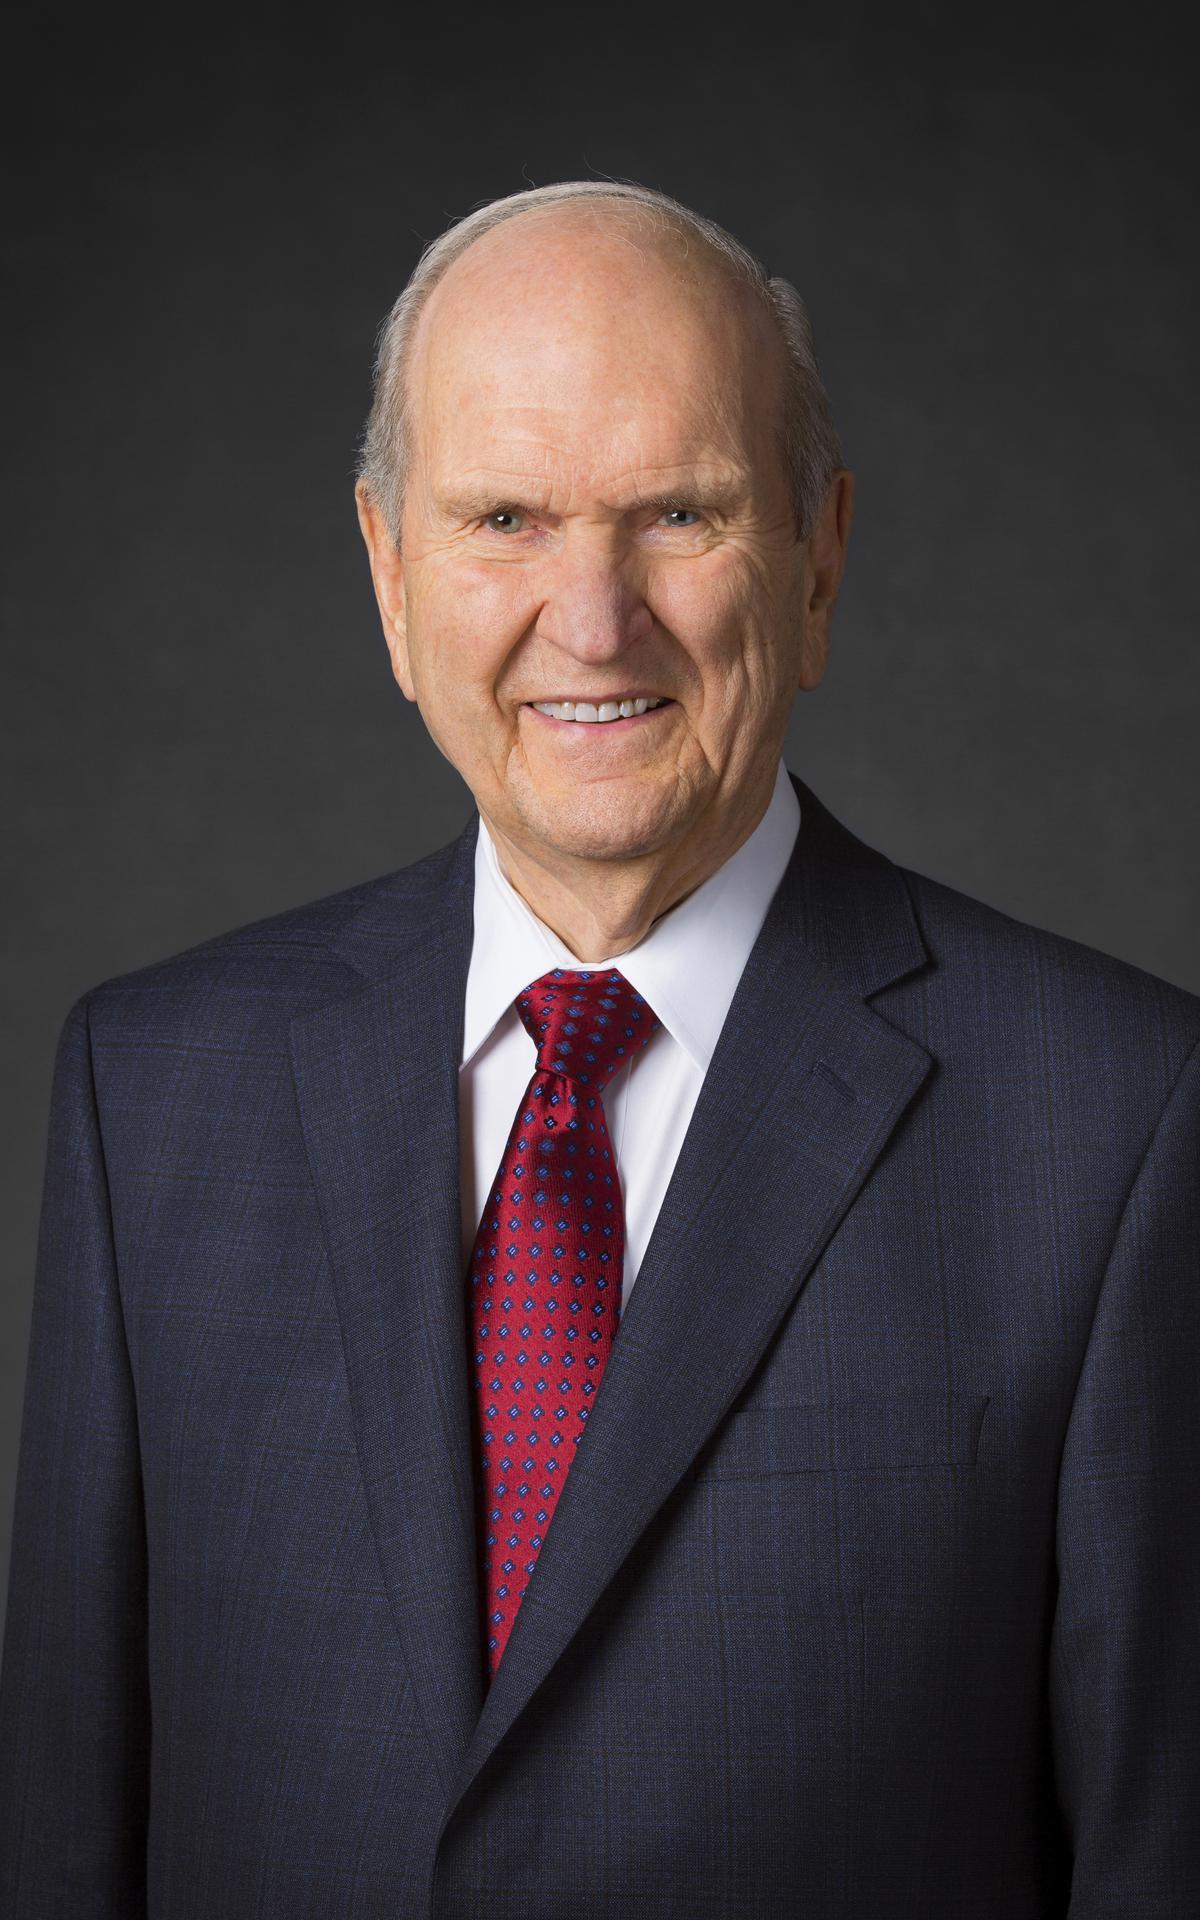 ประธานรัสเซลล์ เอ็ม. เนลสัน